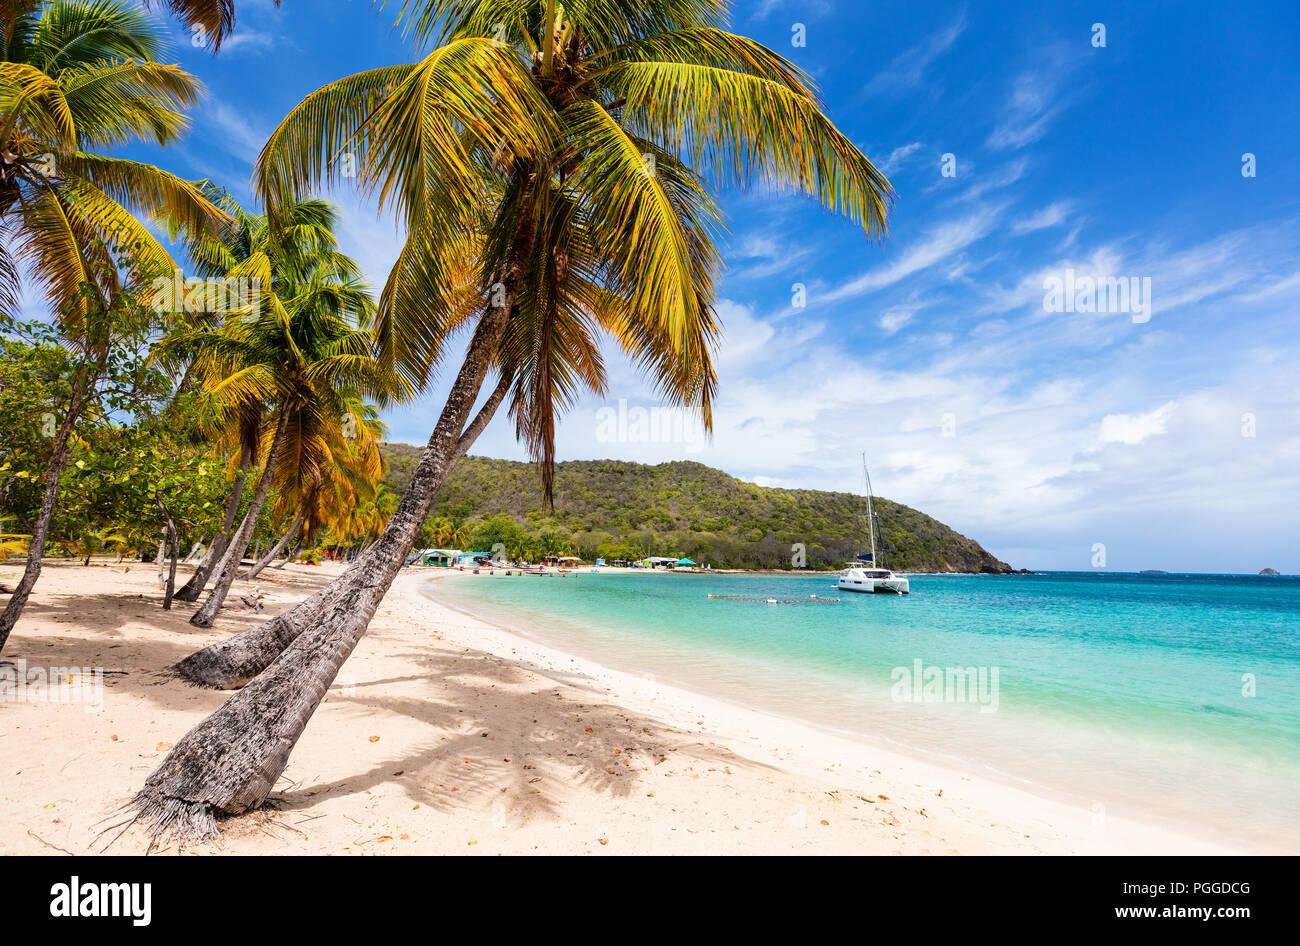 Tropical idyllique plage de sable blanc, les palmiers et la mer turquoise des Caraïbes de l'eau sur l'île de Mayreau à St Vincent et les Grenadines Banque D'Images